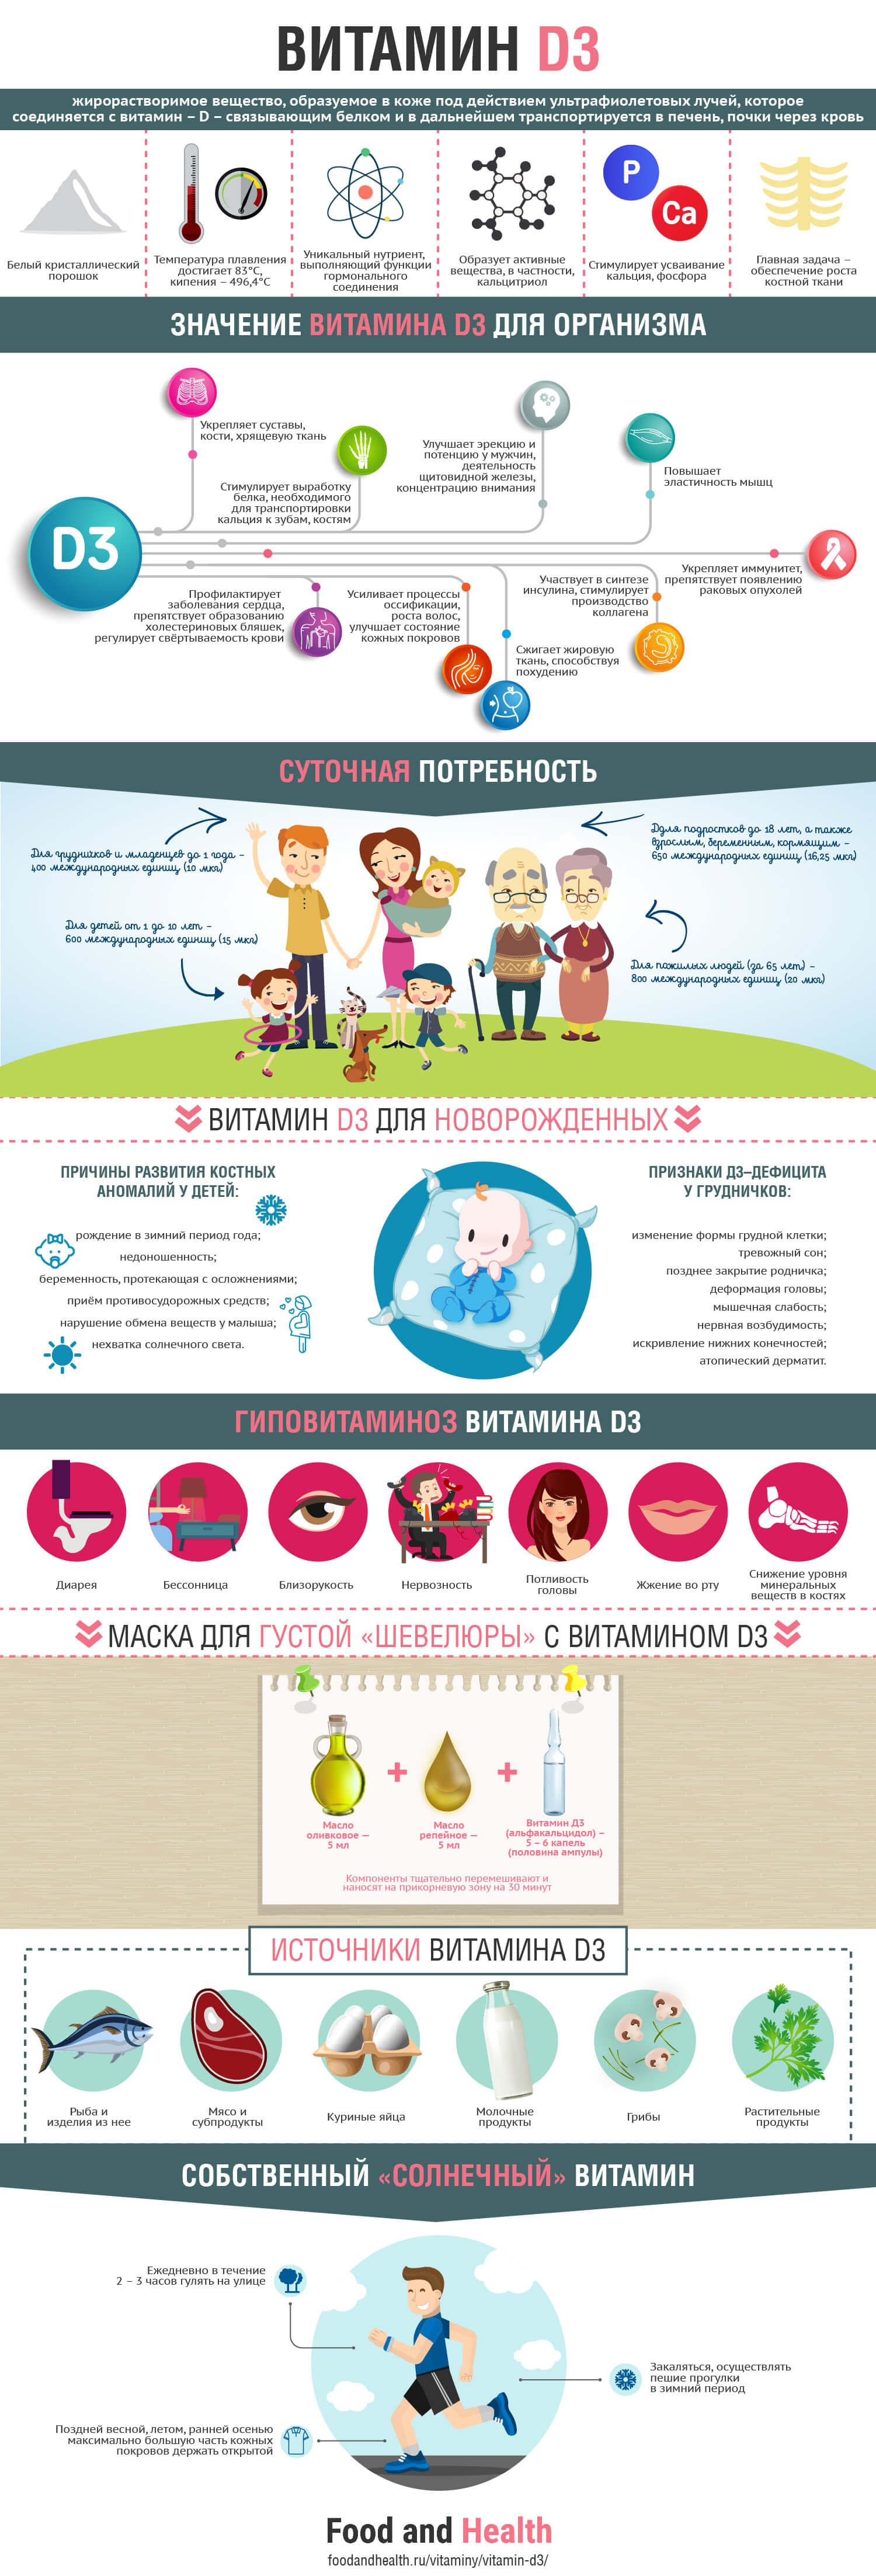 Витамин D3: инфографика